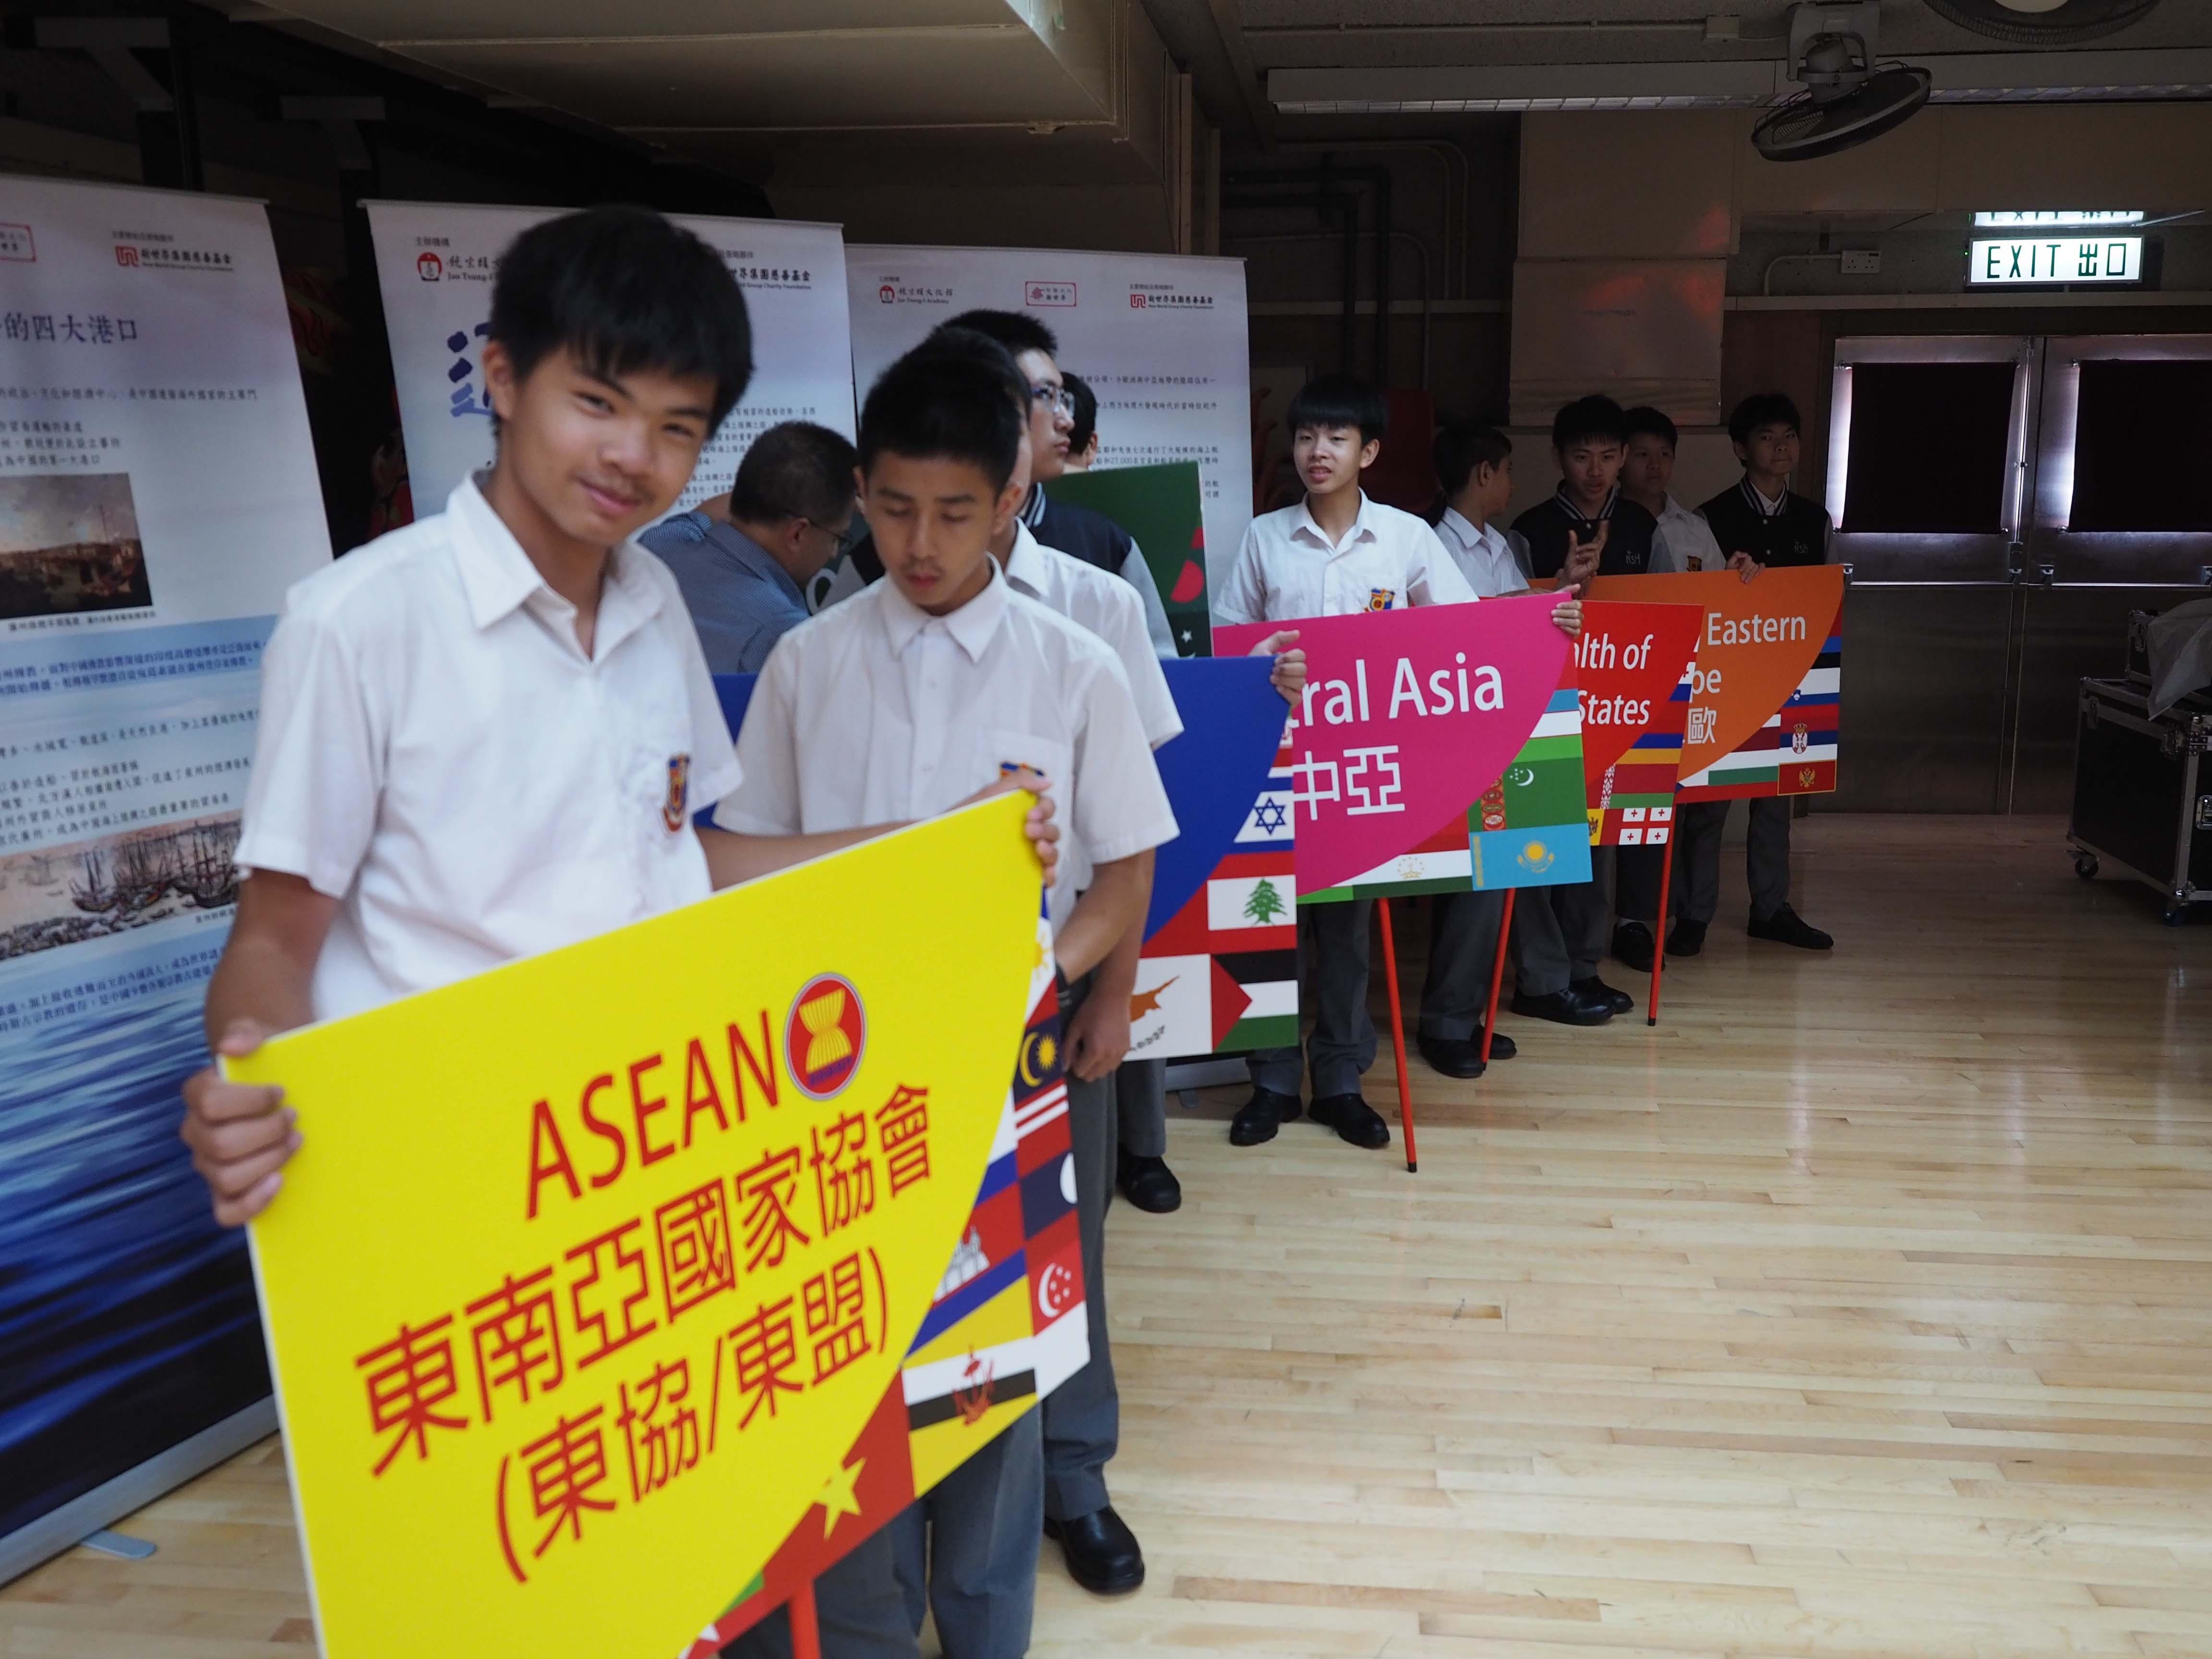 天主教慈幼會伍少梅中學的「中巴經濟走廊」高峰會活動相片14